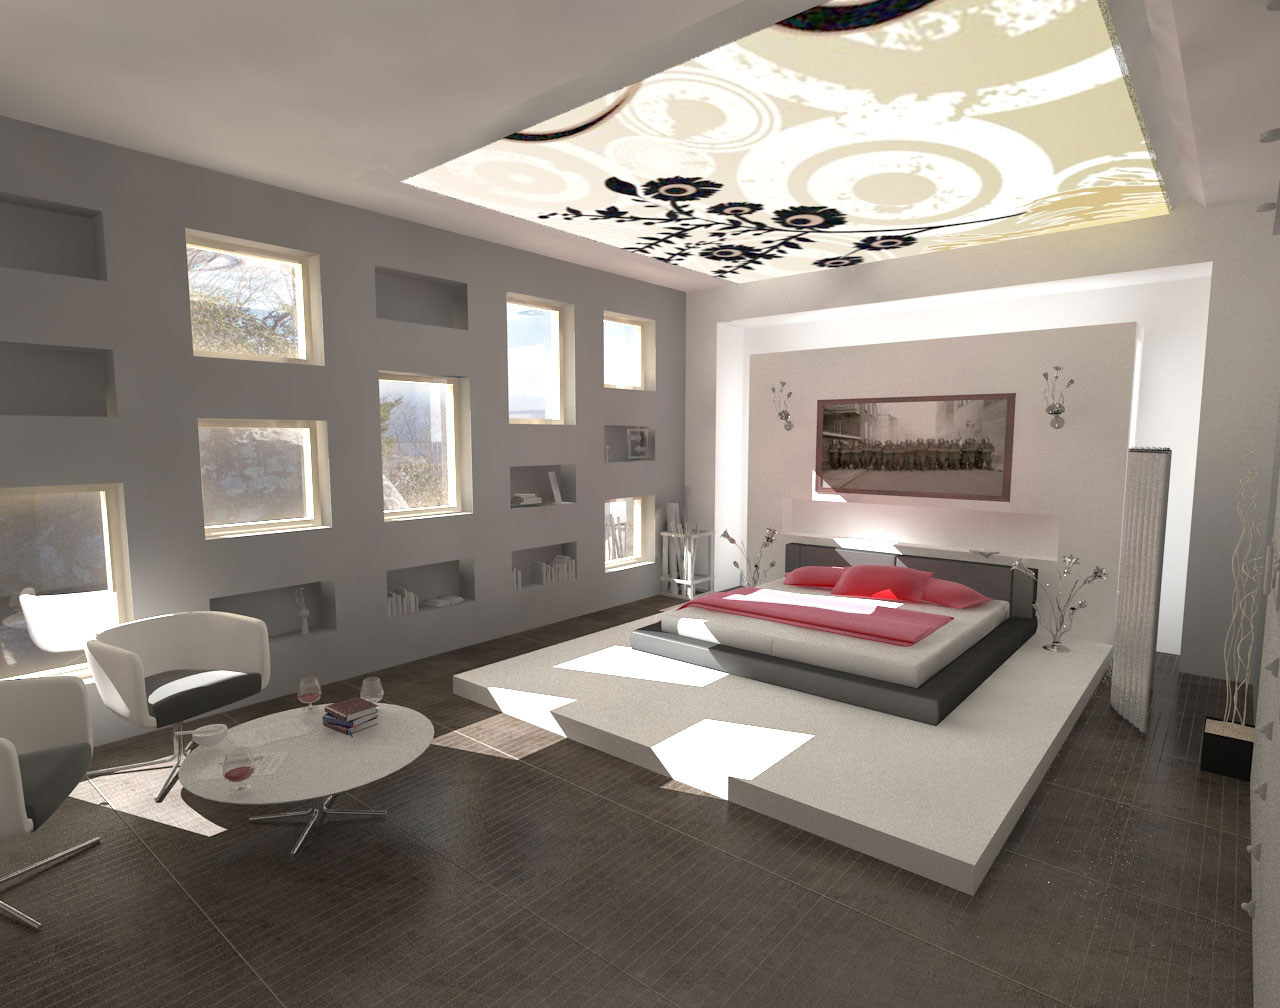 http://4.bp.blogspot.com/-gDe0pWm1HFU/Tin6-e0IfqI/AAAAAAAAA_c/q5D_RQRebbo/s1600/Interior-Design-Schools-in-New-York.jpg